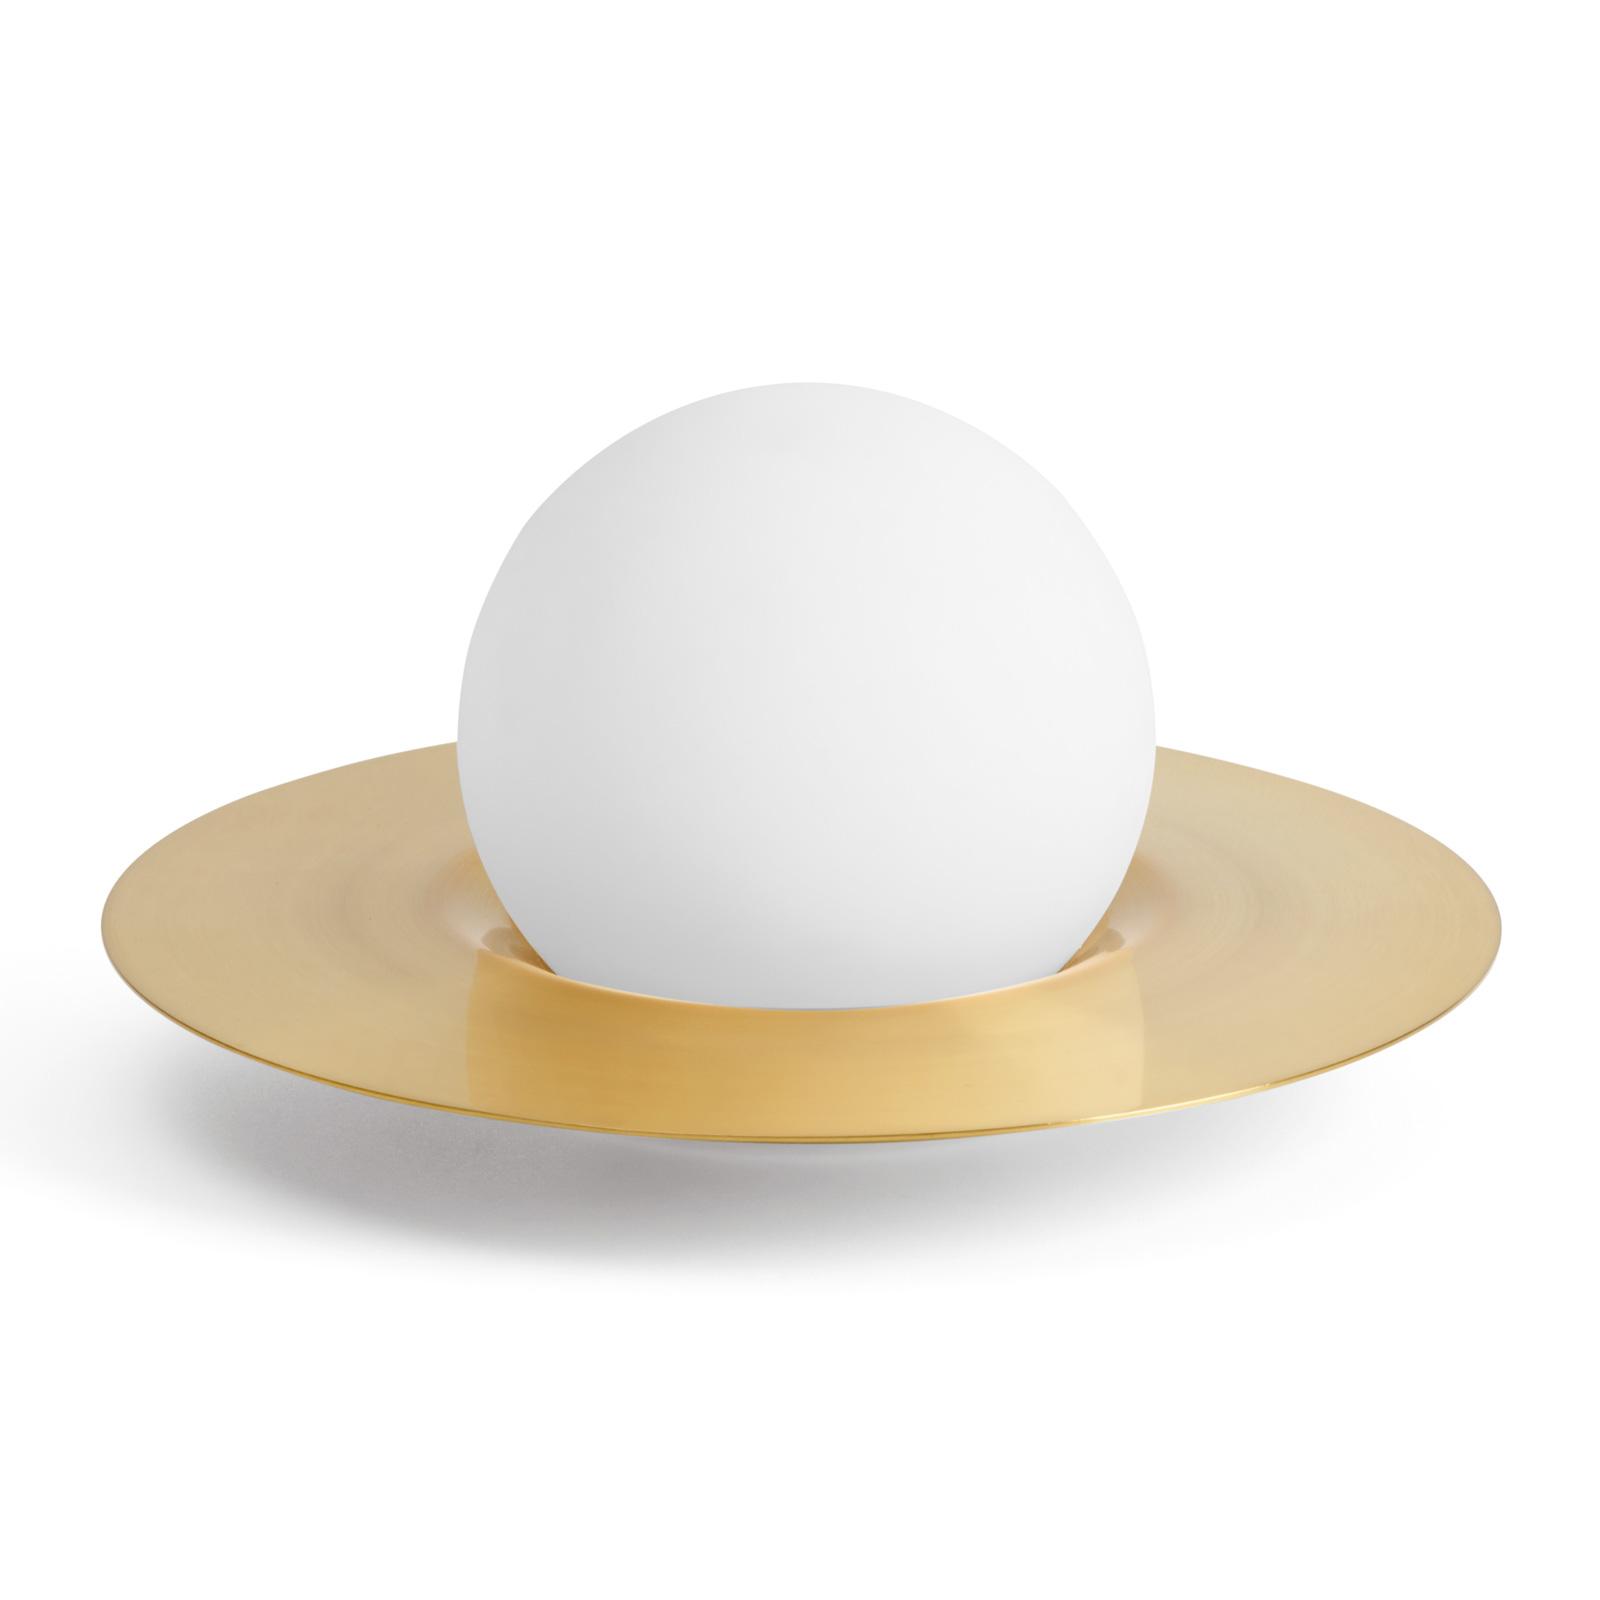 Tafellamp Hat van glas en metaal met dimmer